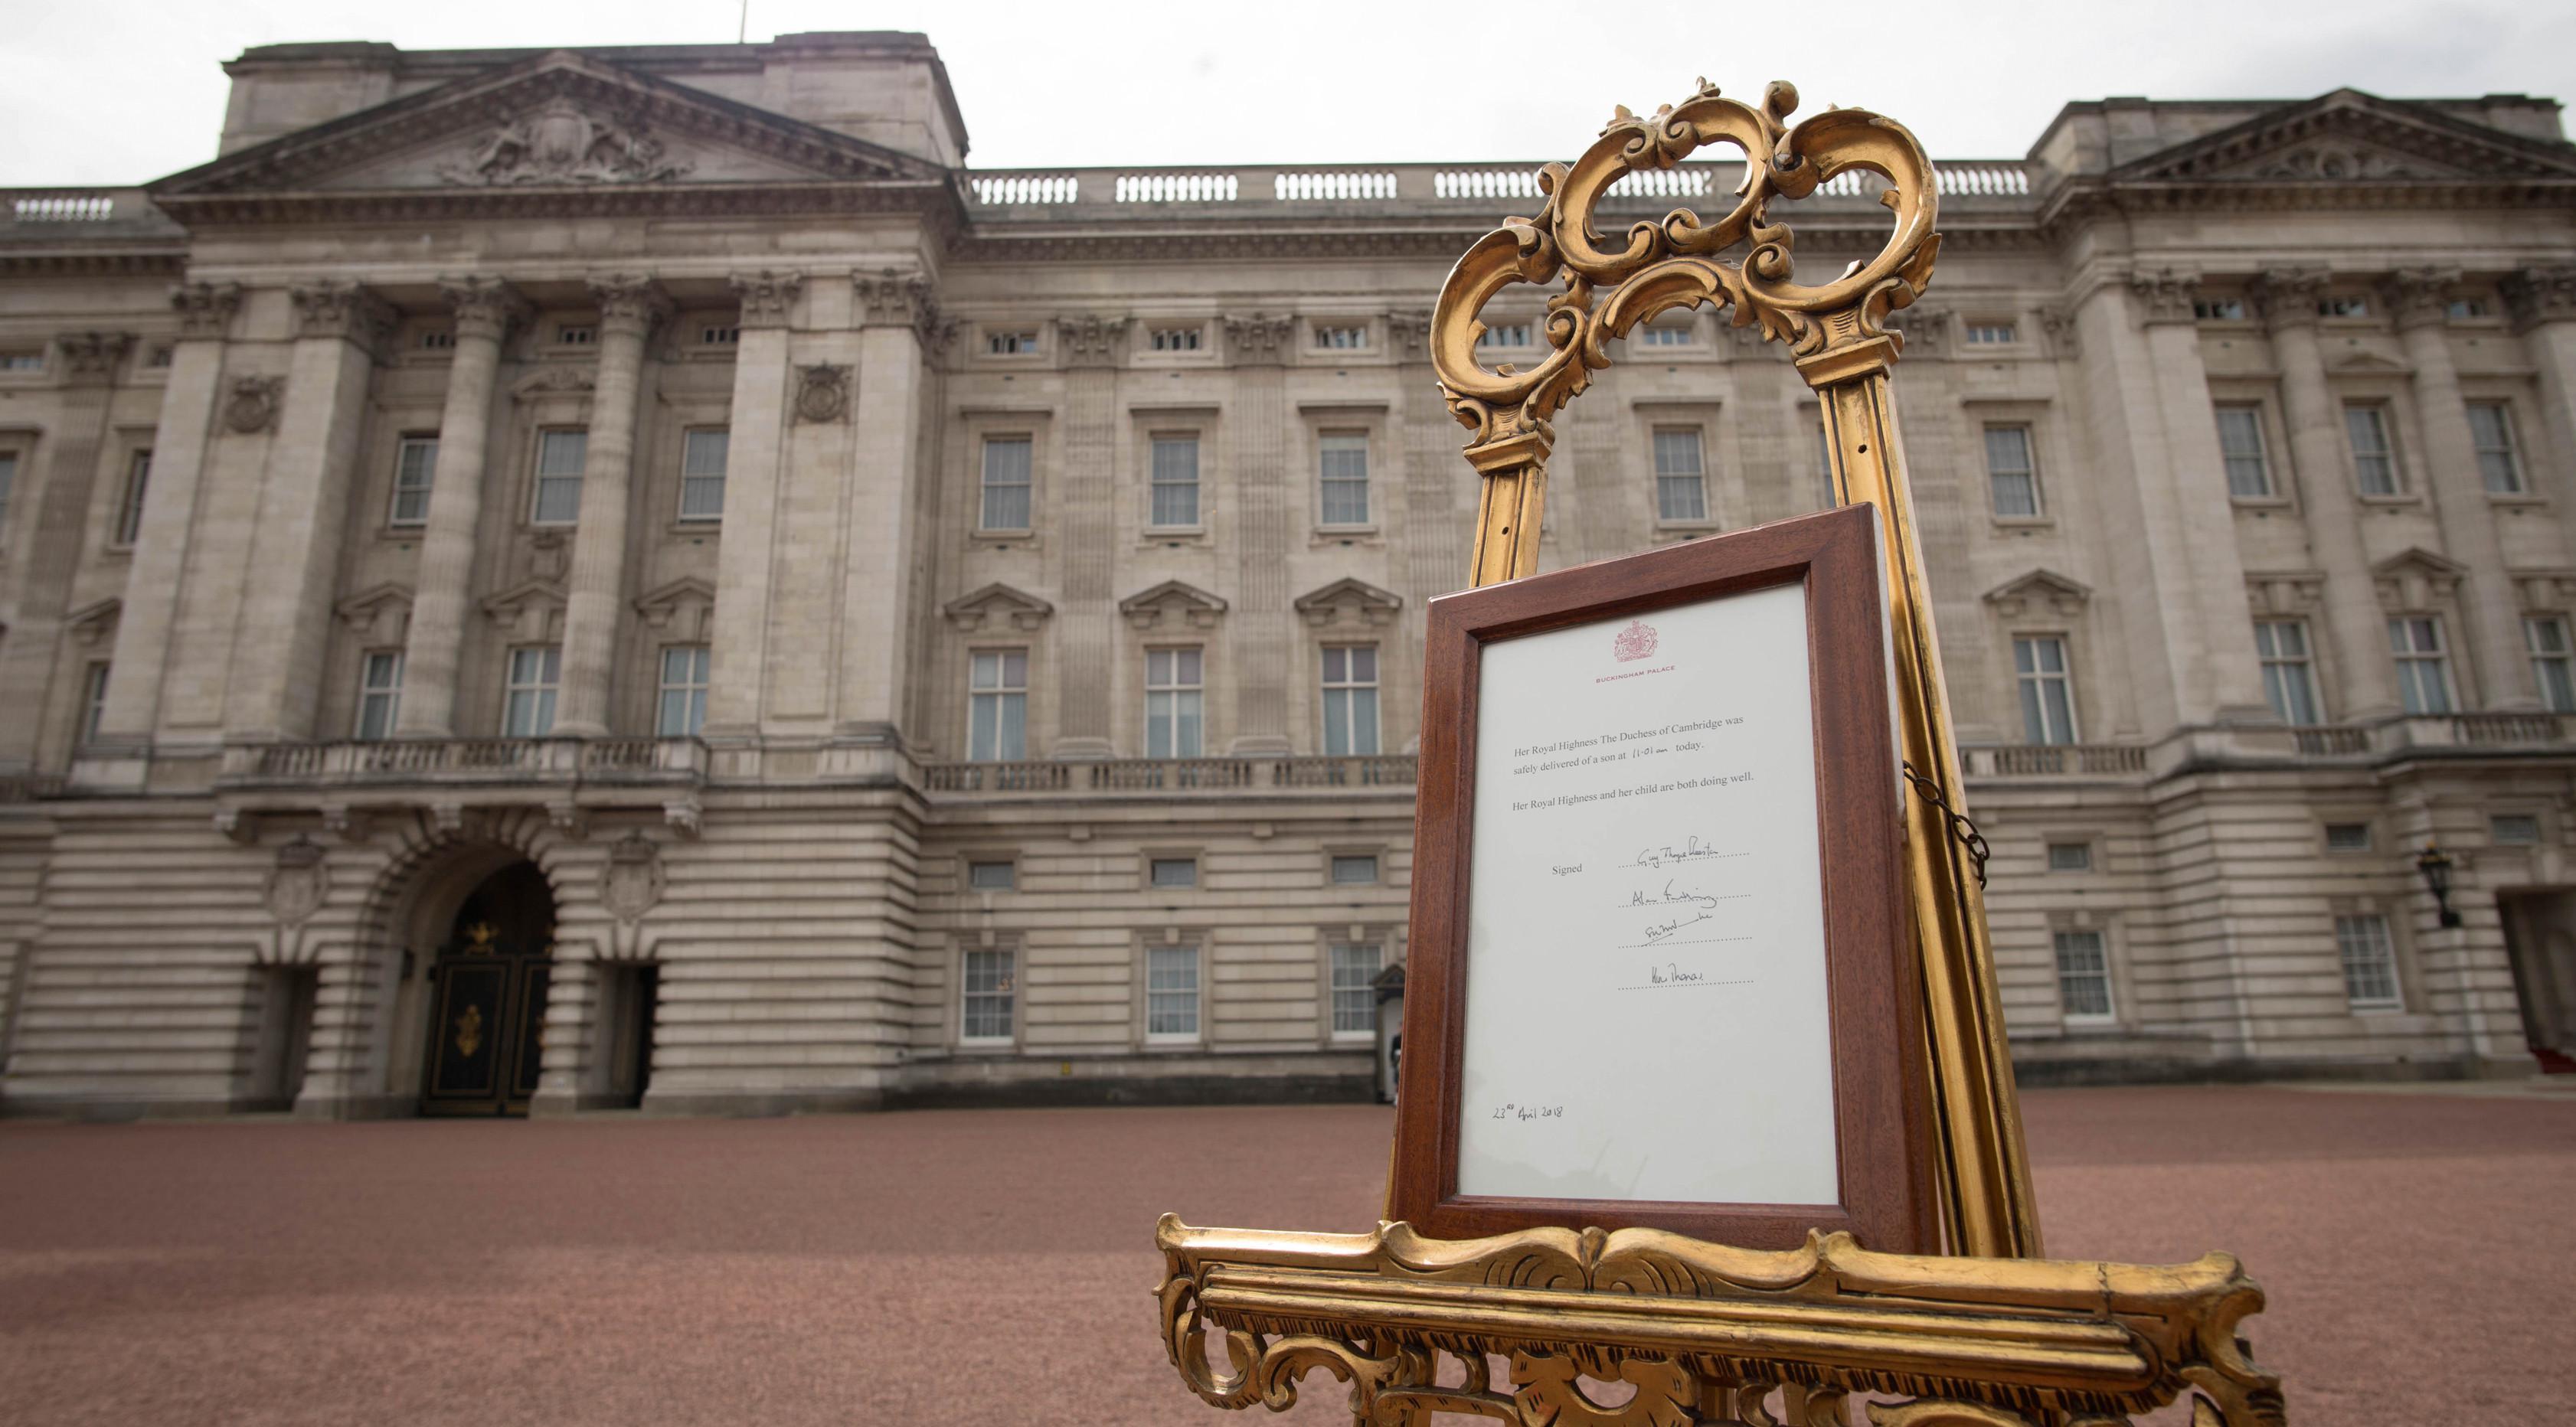 Pengumuman kelahiran bayi baru kerajaan terpajang di halaman depan Istana Buckingham, London, Inggris, Senin (23/4). Kate Middleton tampil di depan umum tujuh jam usai melahirkan. (Pool Photo via AP)